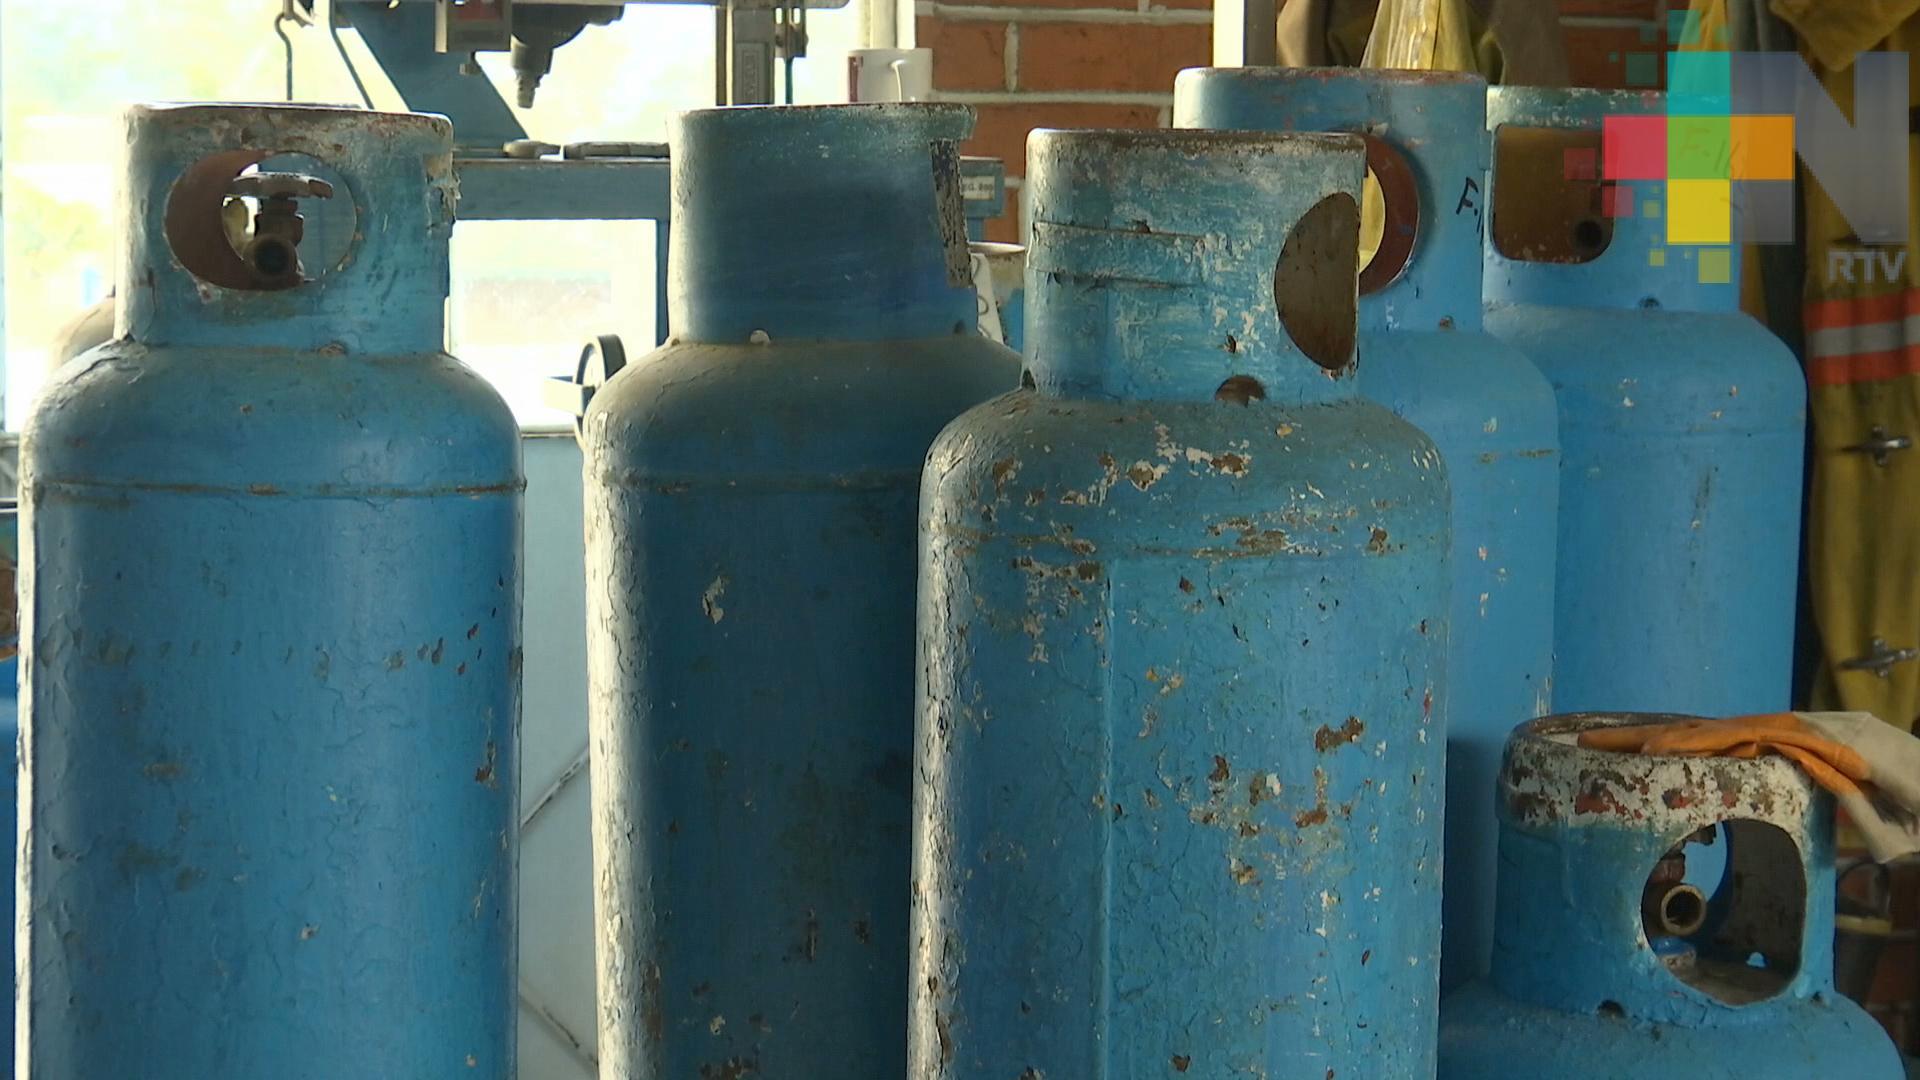 Aumento en tarifas de gasolina, gas y energía eléctrica afecta economía de familias